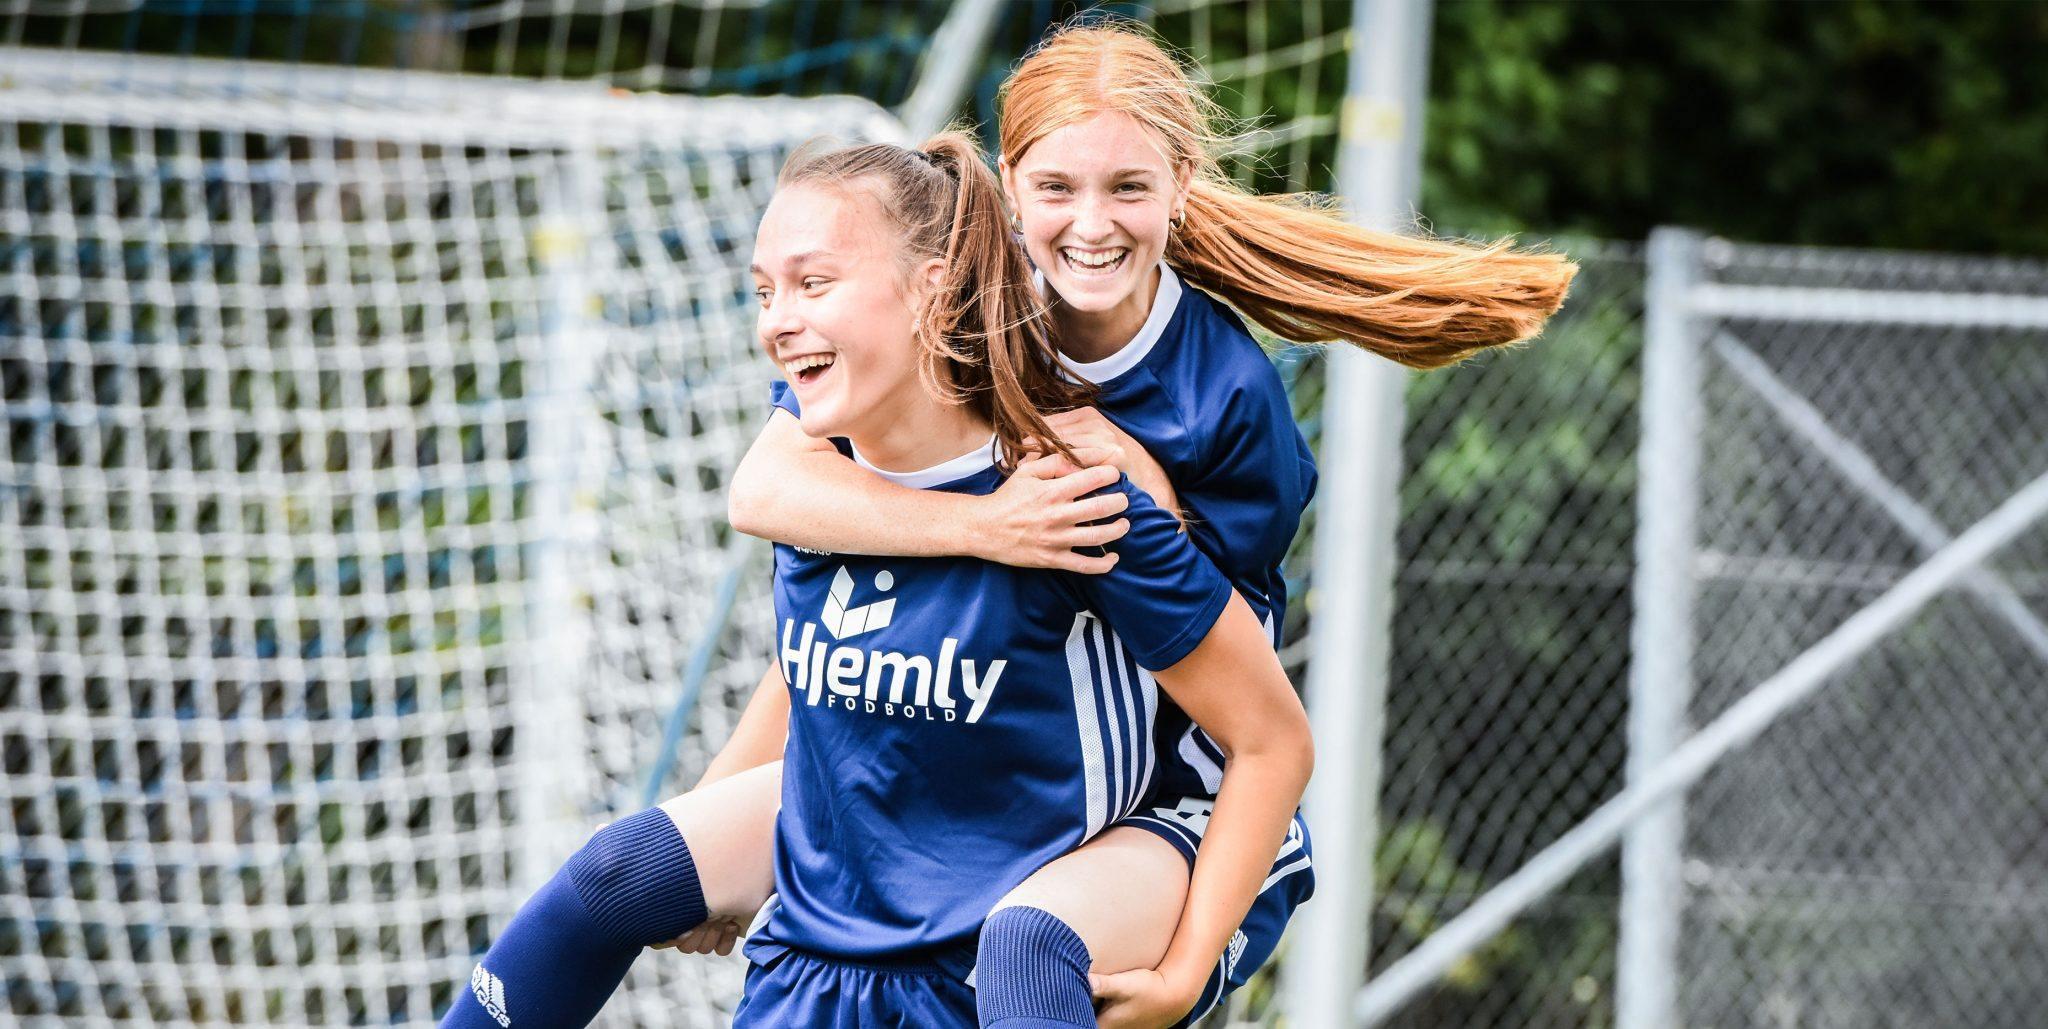 Tag på fodbold-camp og oplev livet på en idrætsefterskole